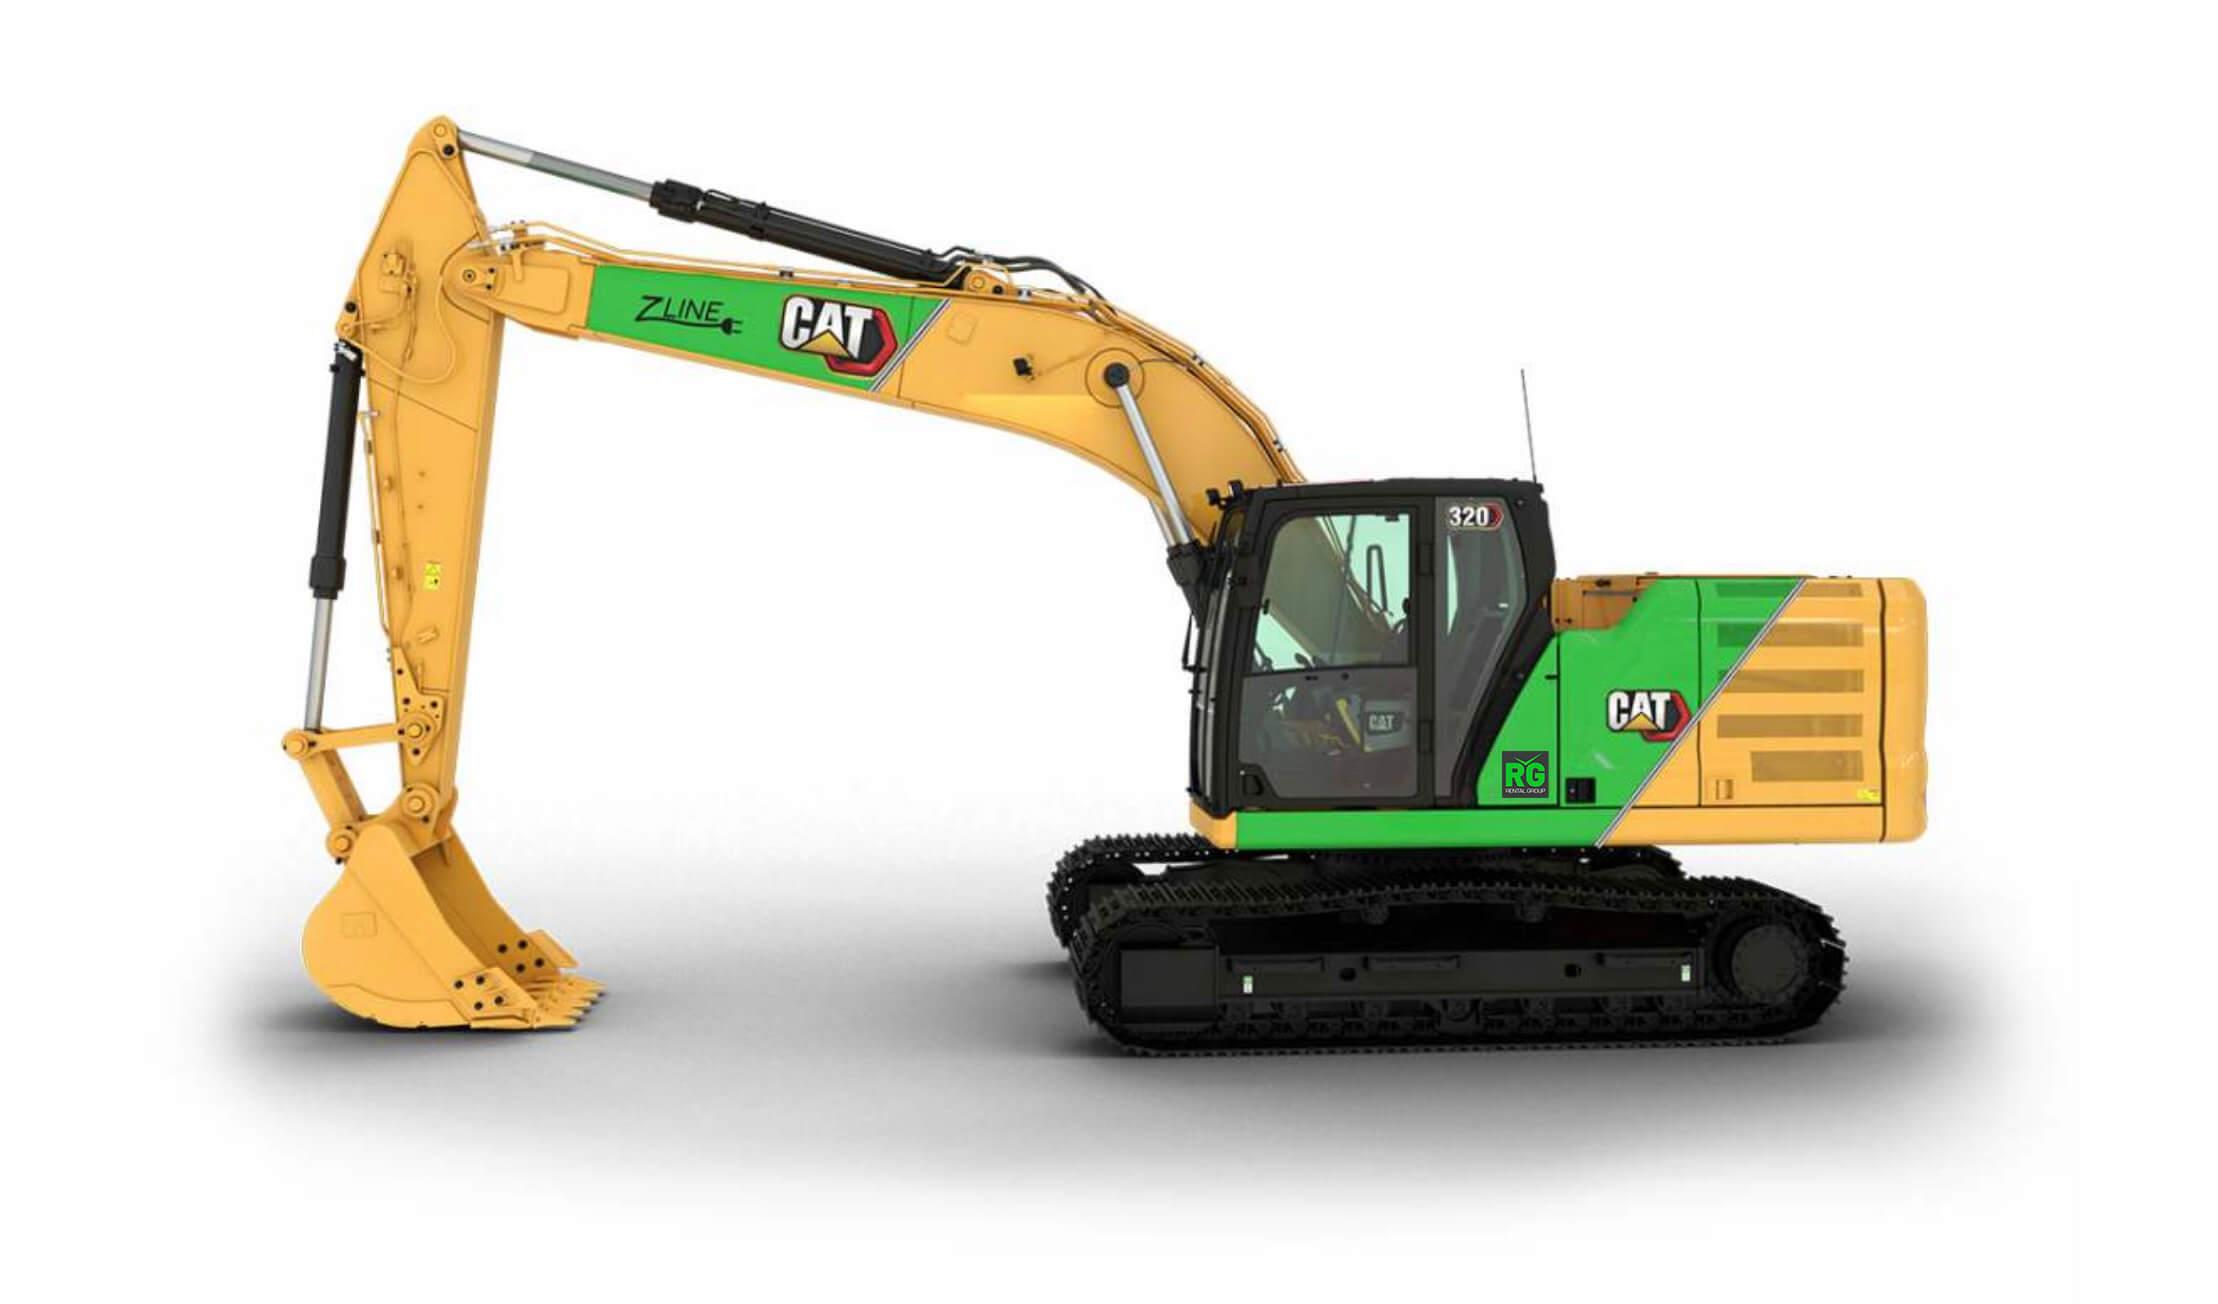 Cat Z-line elektrisk graver